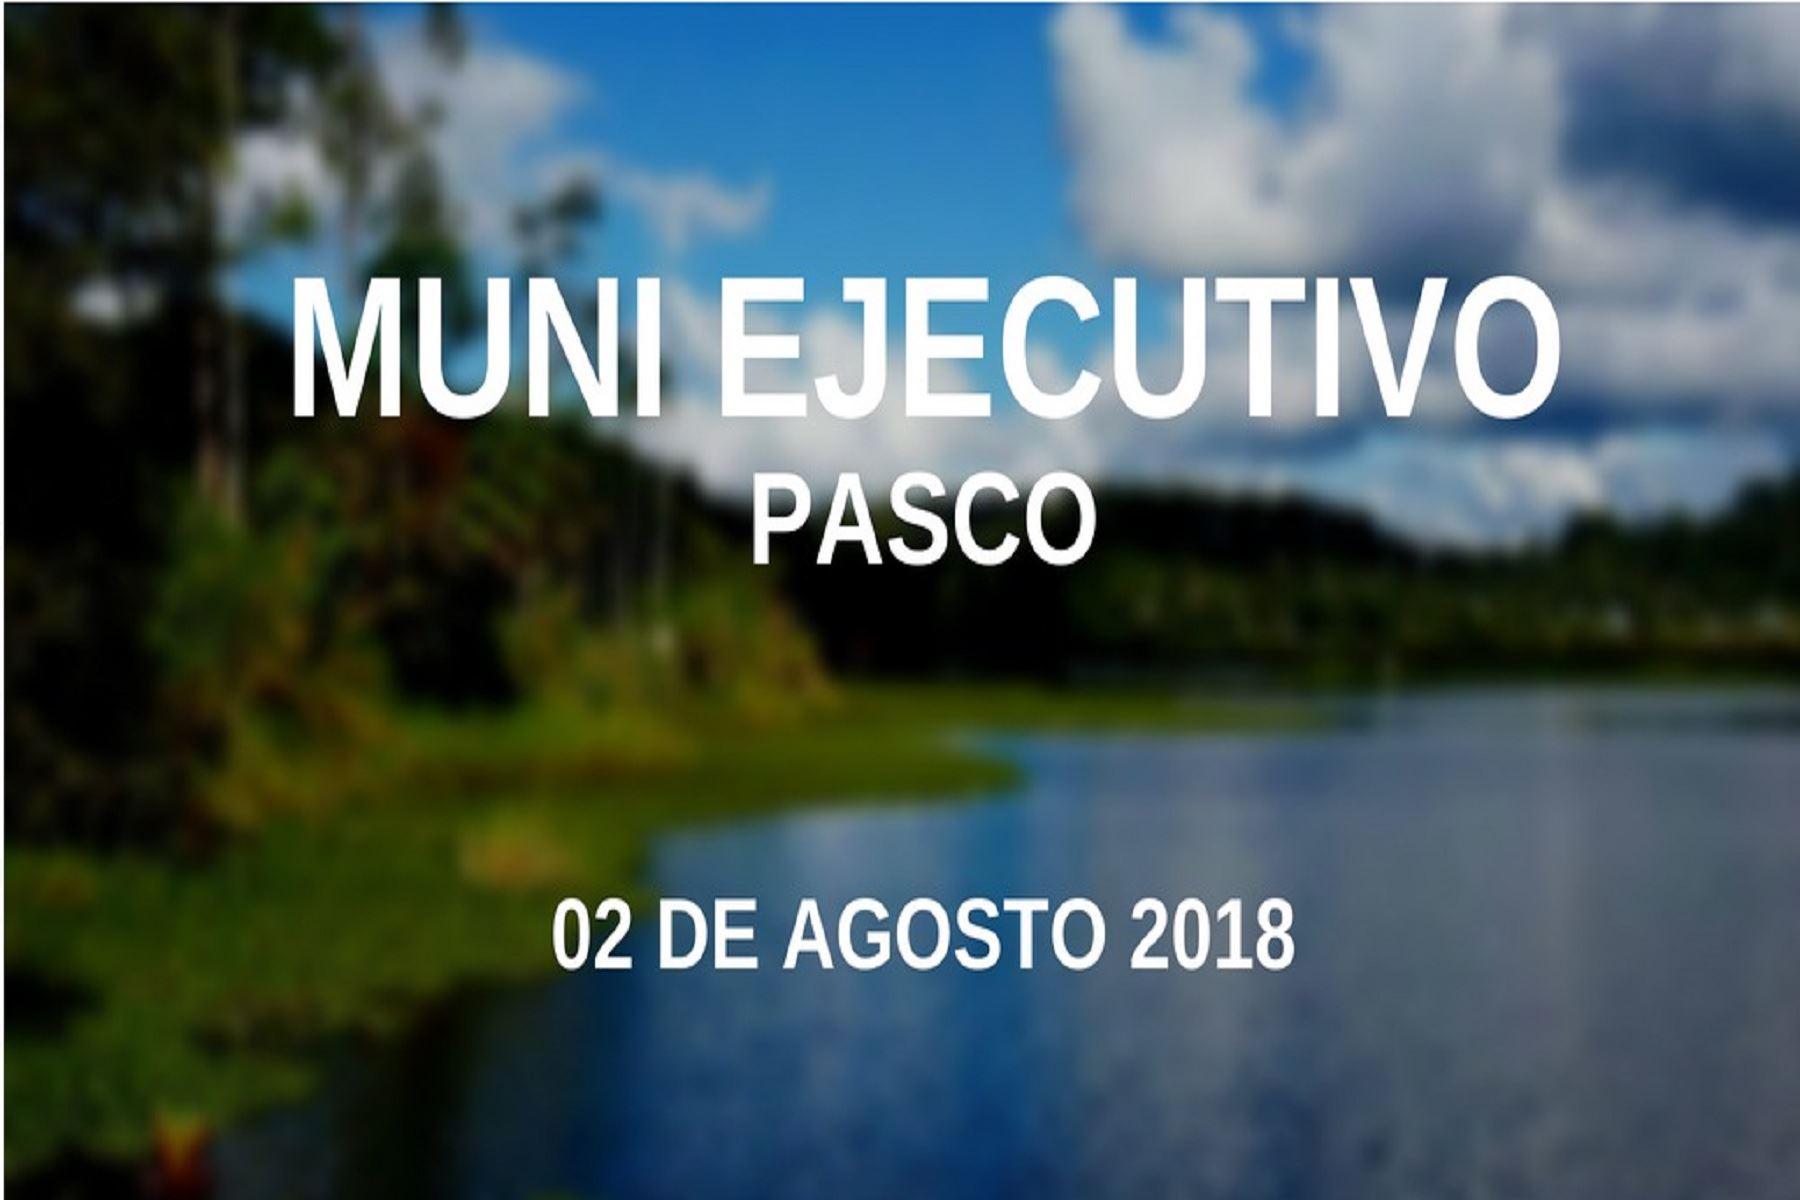 Muni-Ejecutivo en Pasco.